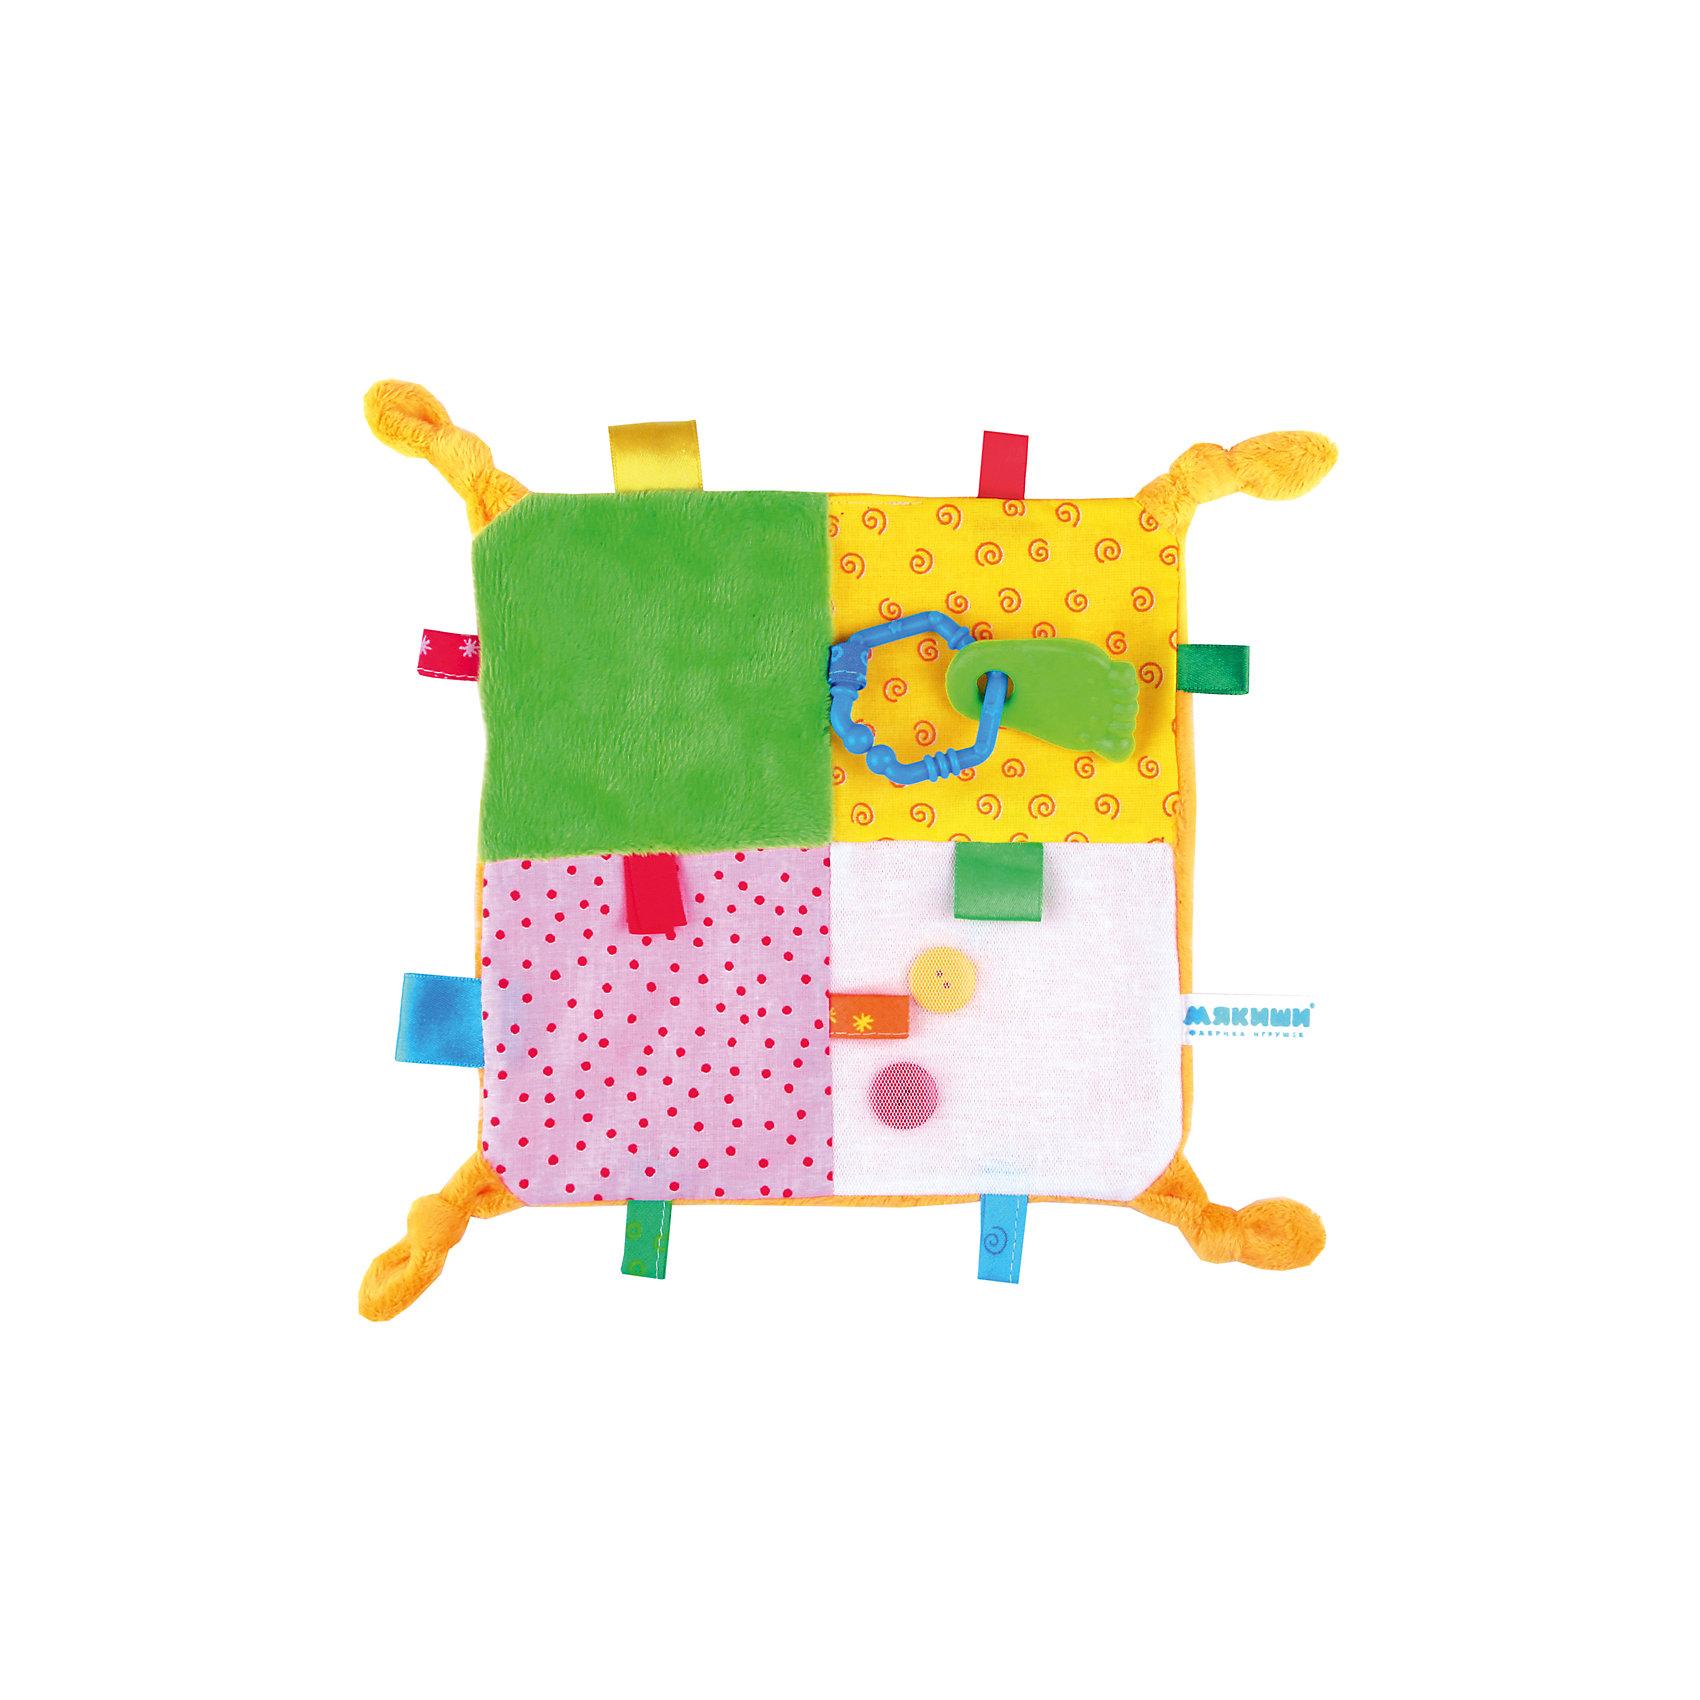 Игрушка-платочек с прорезывателем, МякишиИгрушки-платочки<br>Игрушка-платочек с прорезывателем, Мякиши.<br><br>Характеристики:<br><br>- Размер без петелек: 21х21 см.<br>- Материал: хлопок, холлофайбер, резина, пластмасса, меховые полотна<br>- Изготовлено из гипоаллергенных материалов<br><br>Очаровательная красочная игрушка-платочек от компании Мякиши станет первой игрушкой для вашего малыша. Игра с платочком поможет развить мелкую моторику рук крохи, речевые способности и воображение. На платочке есть петельки, узелки, пуговицы, резиновый прорезыватель, который поможет утешить кроху в период роста зубок. Разнообразные фактуры и сочные краски порадуют ребенка. Платочек изготовлен из хлопка, трикотажного полотна и меховых вставок. Оригинальное изделие не имеет толщины и способно принимать форму тела ребёнка, сохраняя ее на длительное время, поэтому платочек идеален для сна. Яркая и милая игрушка непременно вызовет интерес малыша и увлечет его надолго.<br><br>Игрушку-платочек с прорезывателем, Мякиши можно купить в нашем интернет-магазине.<br><br>Ширина мм: 300<br>Глубина мм: 300<br>Высота мм: 15<br>Вес г: 80<br>Возраст от месяцев: 12<br>Возраст до месяцев: 36<br>Пол: Унисекс<br>Возраст: Детский<br>SKU: 5383787